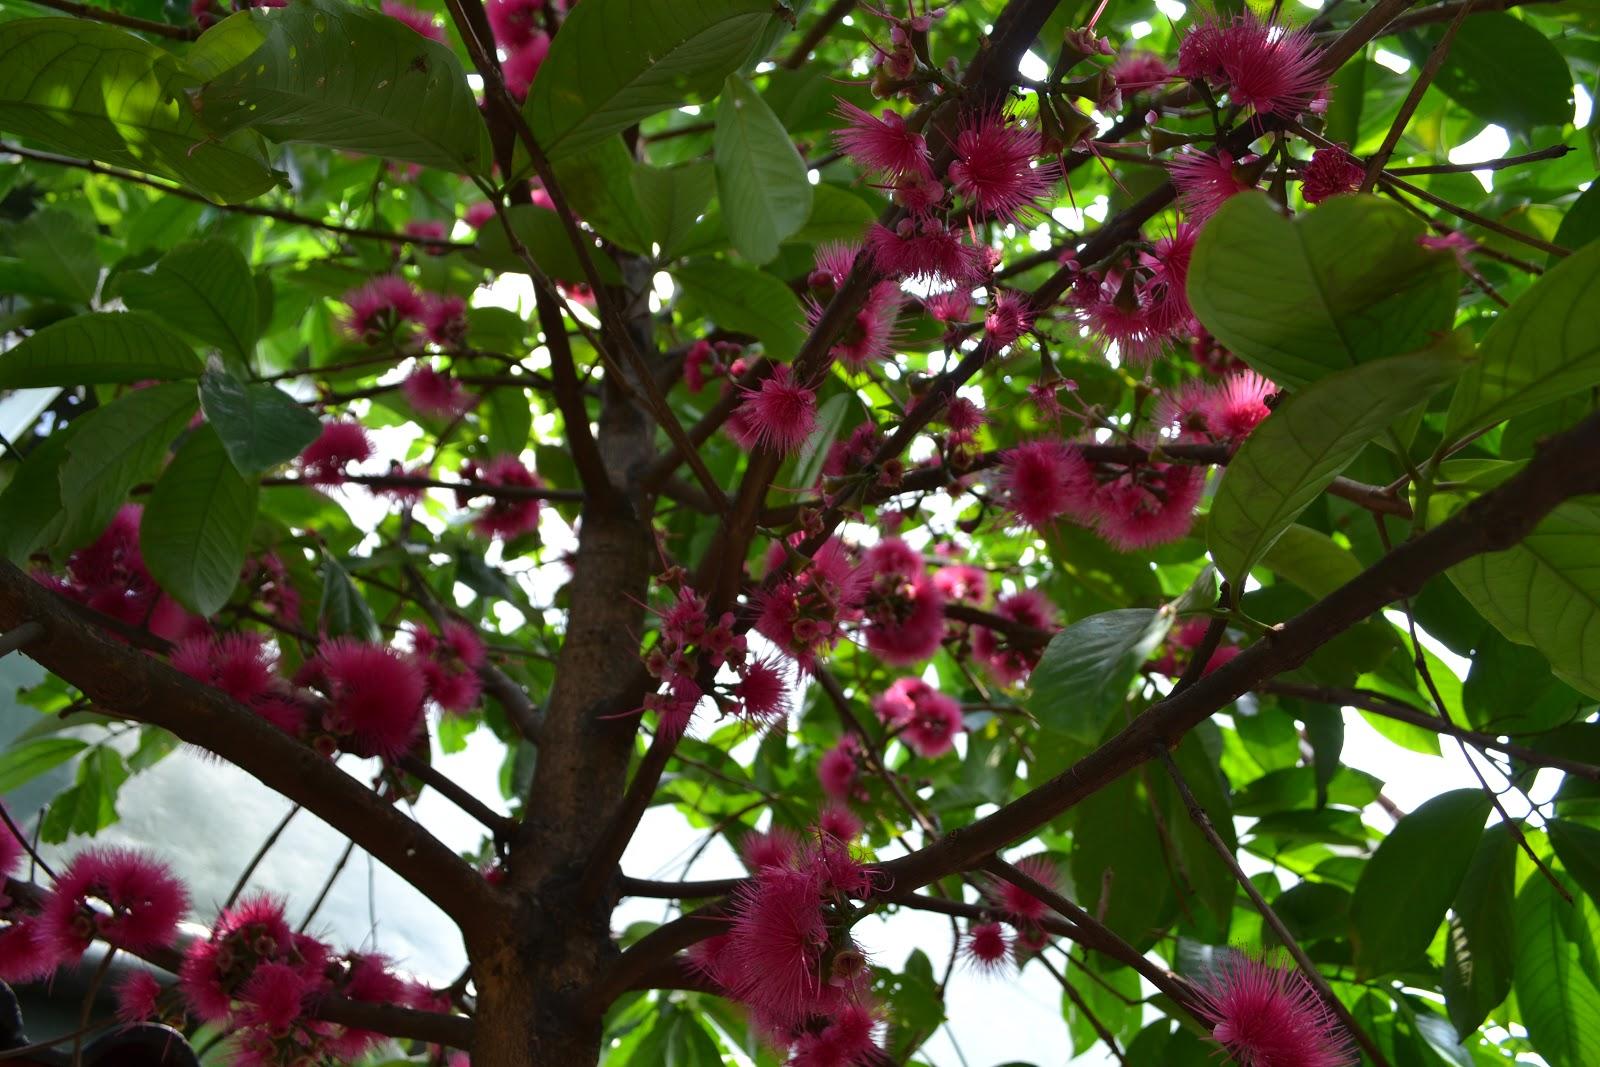 bunga dan buah pohon jambu bol batikbesurekcom